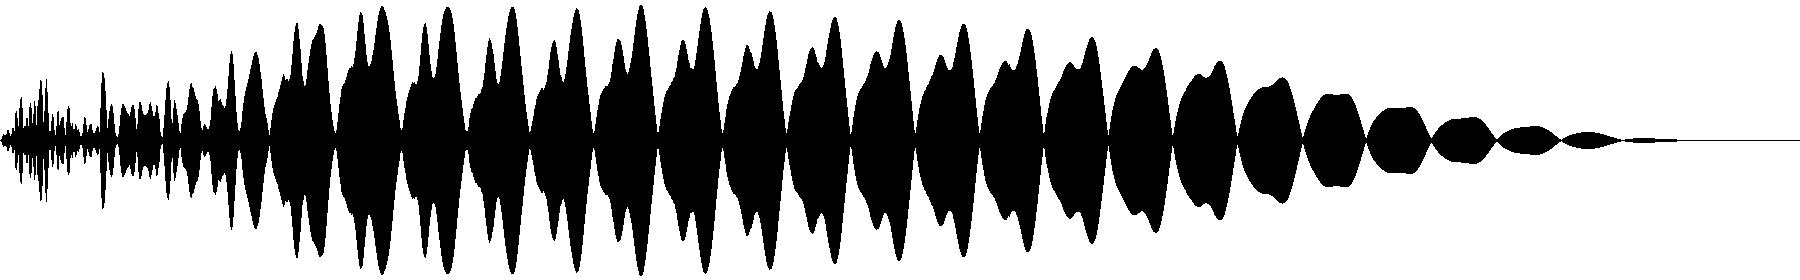 vedh bass cut 047 c